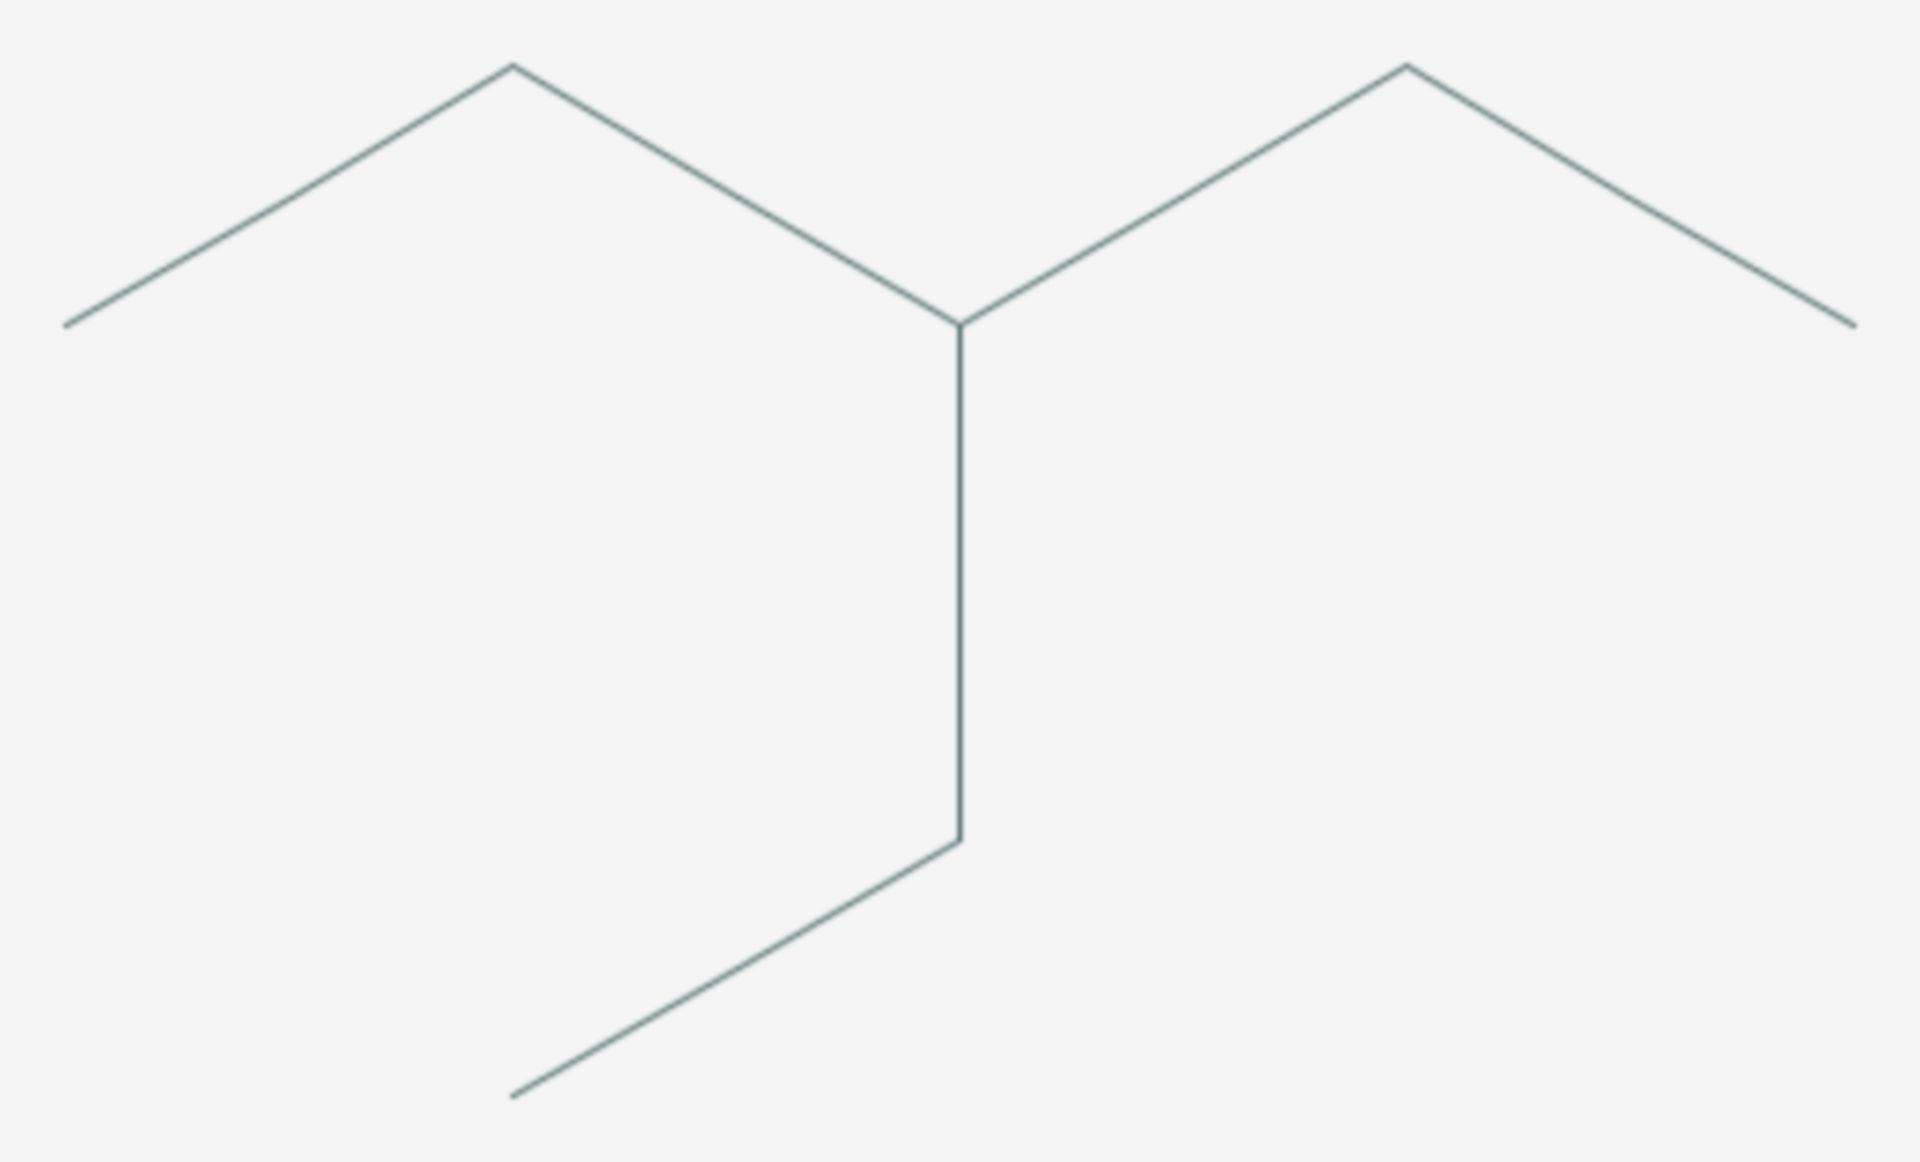 3-Ethylpentan (Strukturformel)